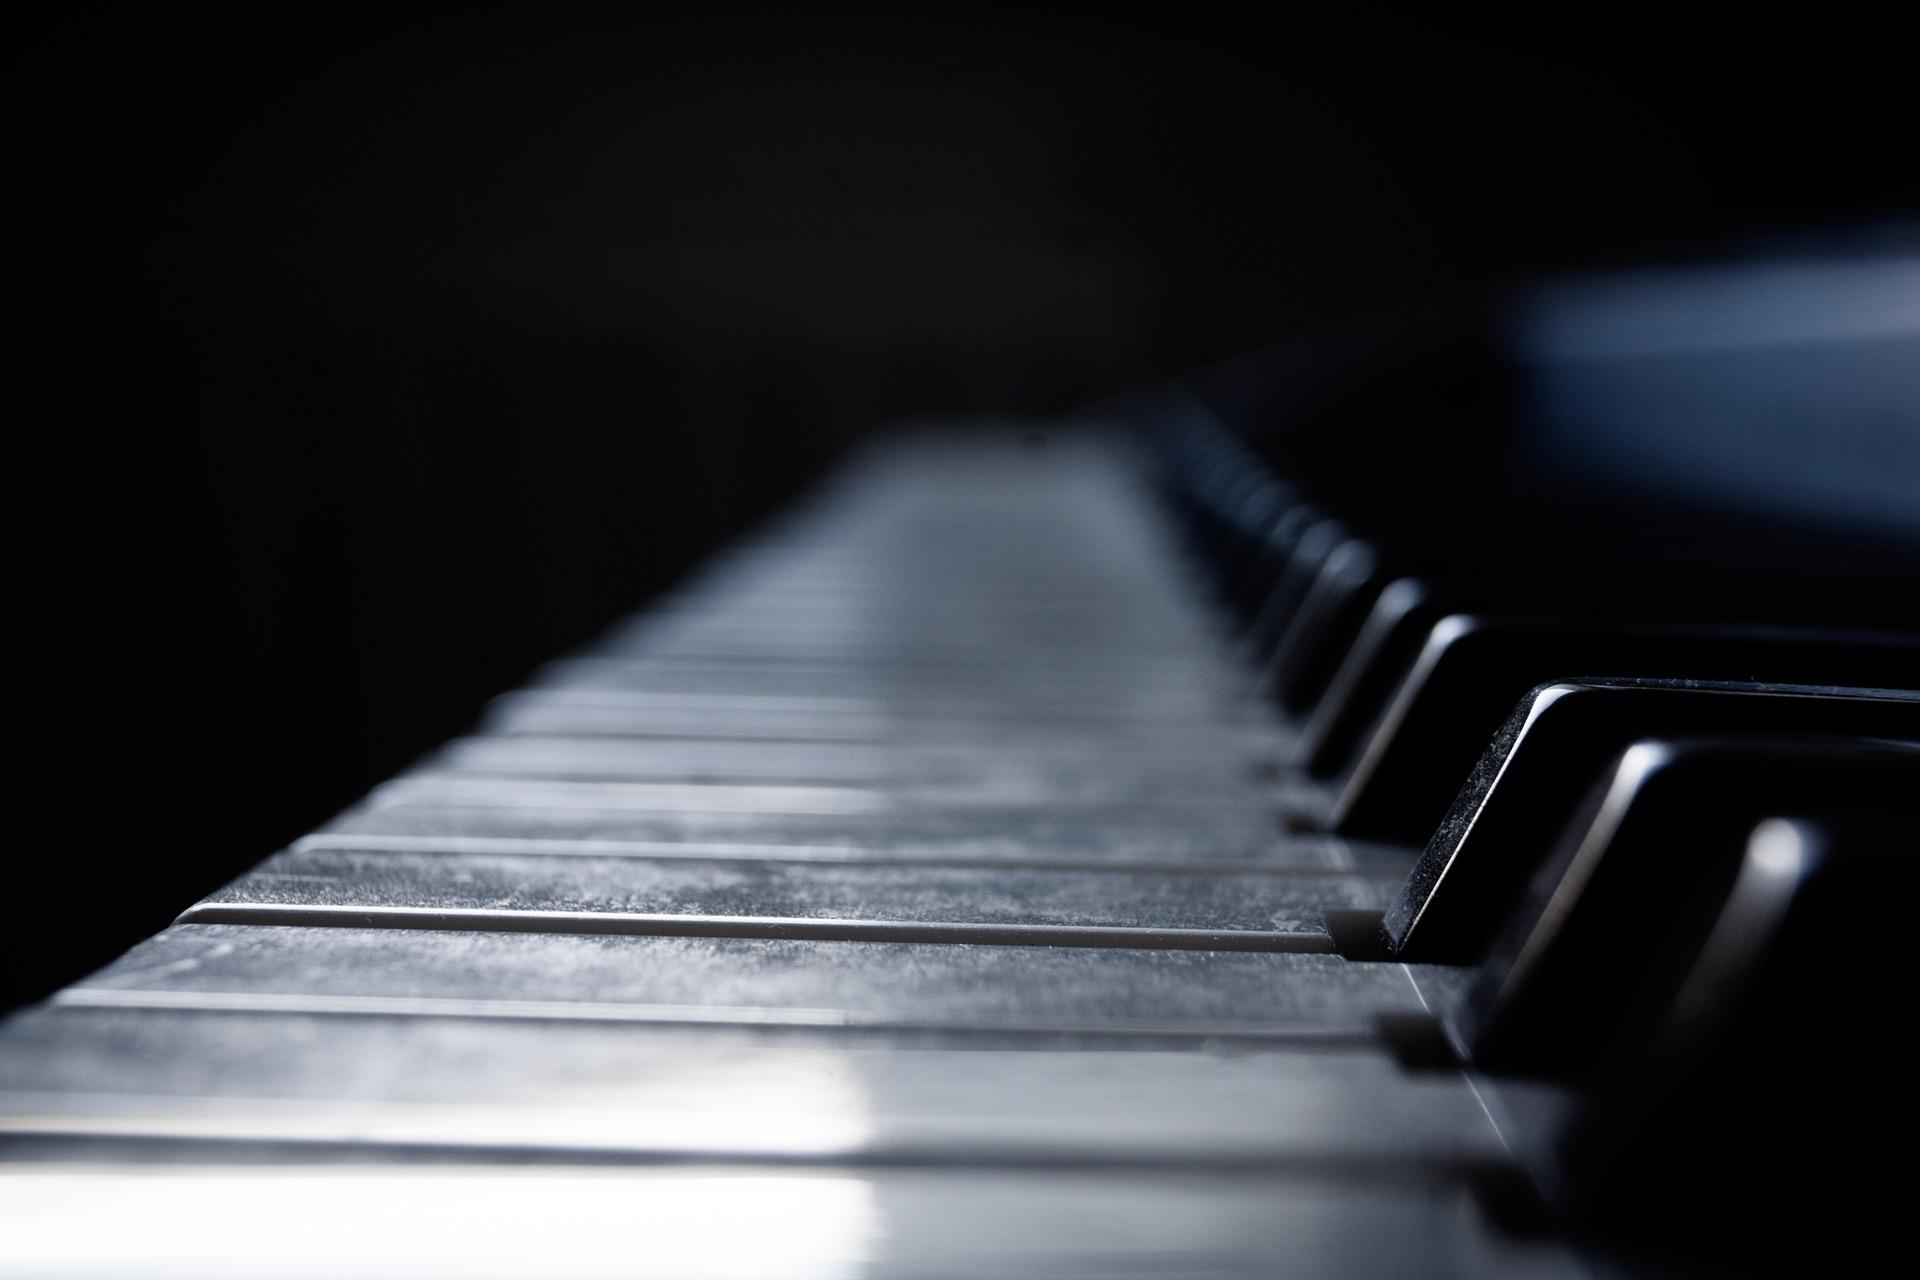 映画「蜜蜂と遠雷」映画ではなくて美しいピアノの音が奏でる音楽